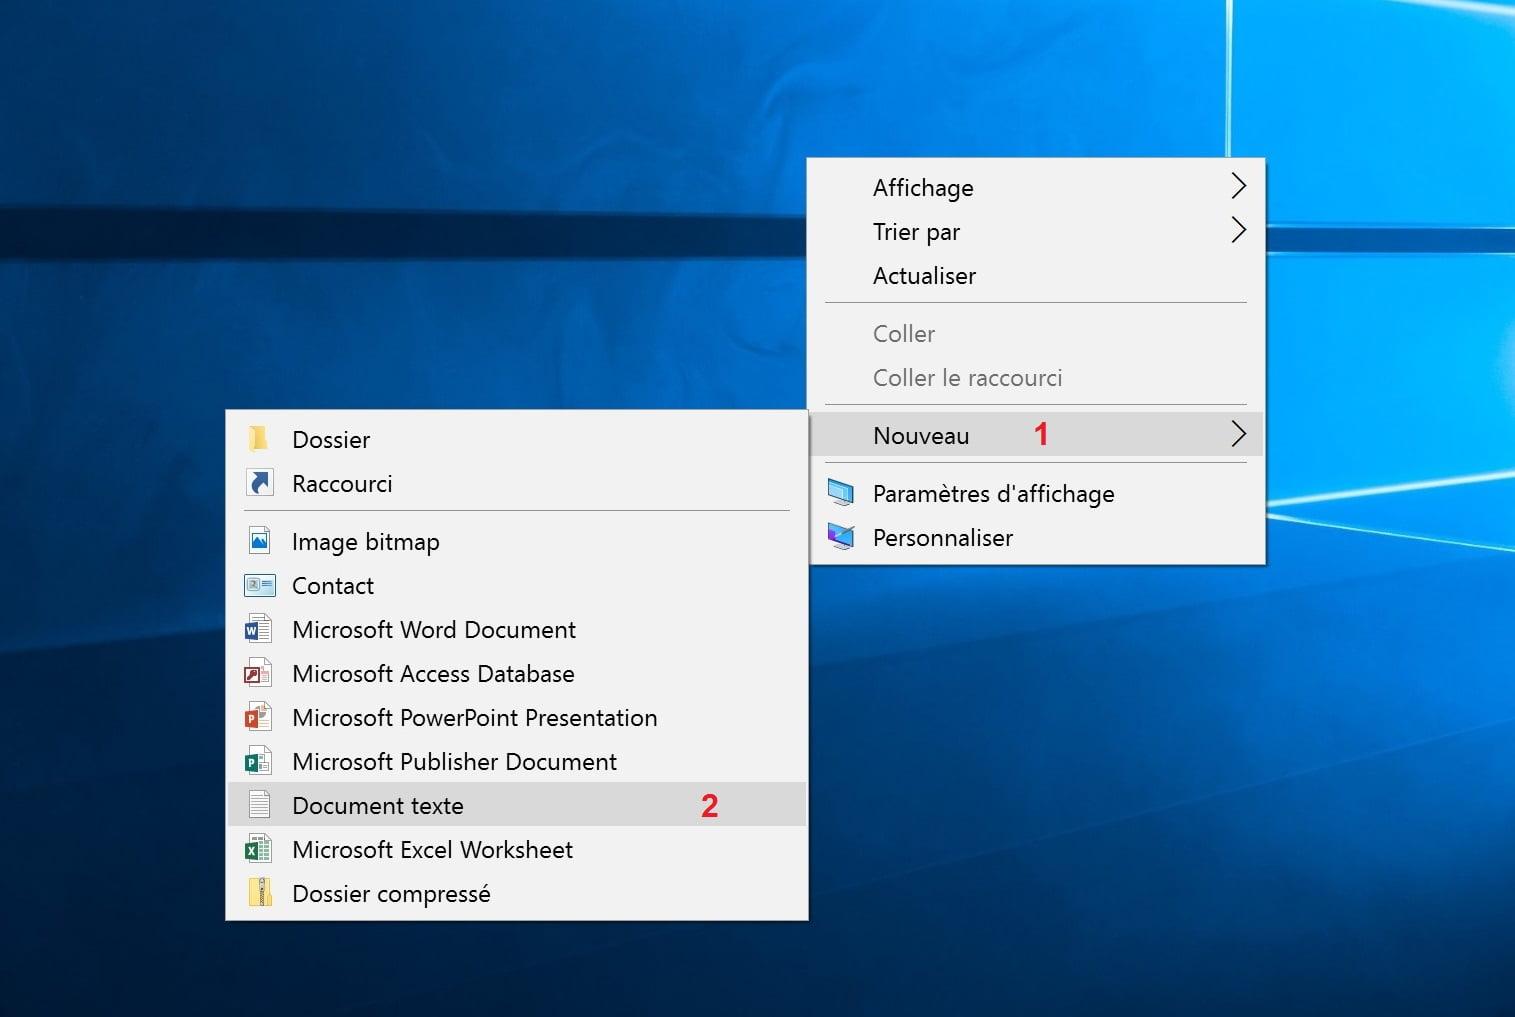 """afficher-le-bureau-etape1 Retrouver le bouton """"Afficher le bureau"""" des anciennes versions de Windows"""